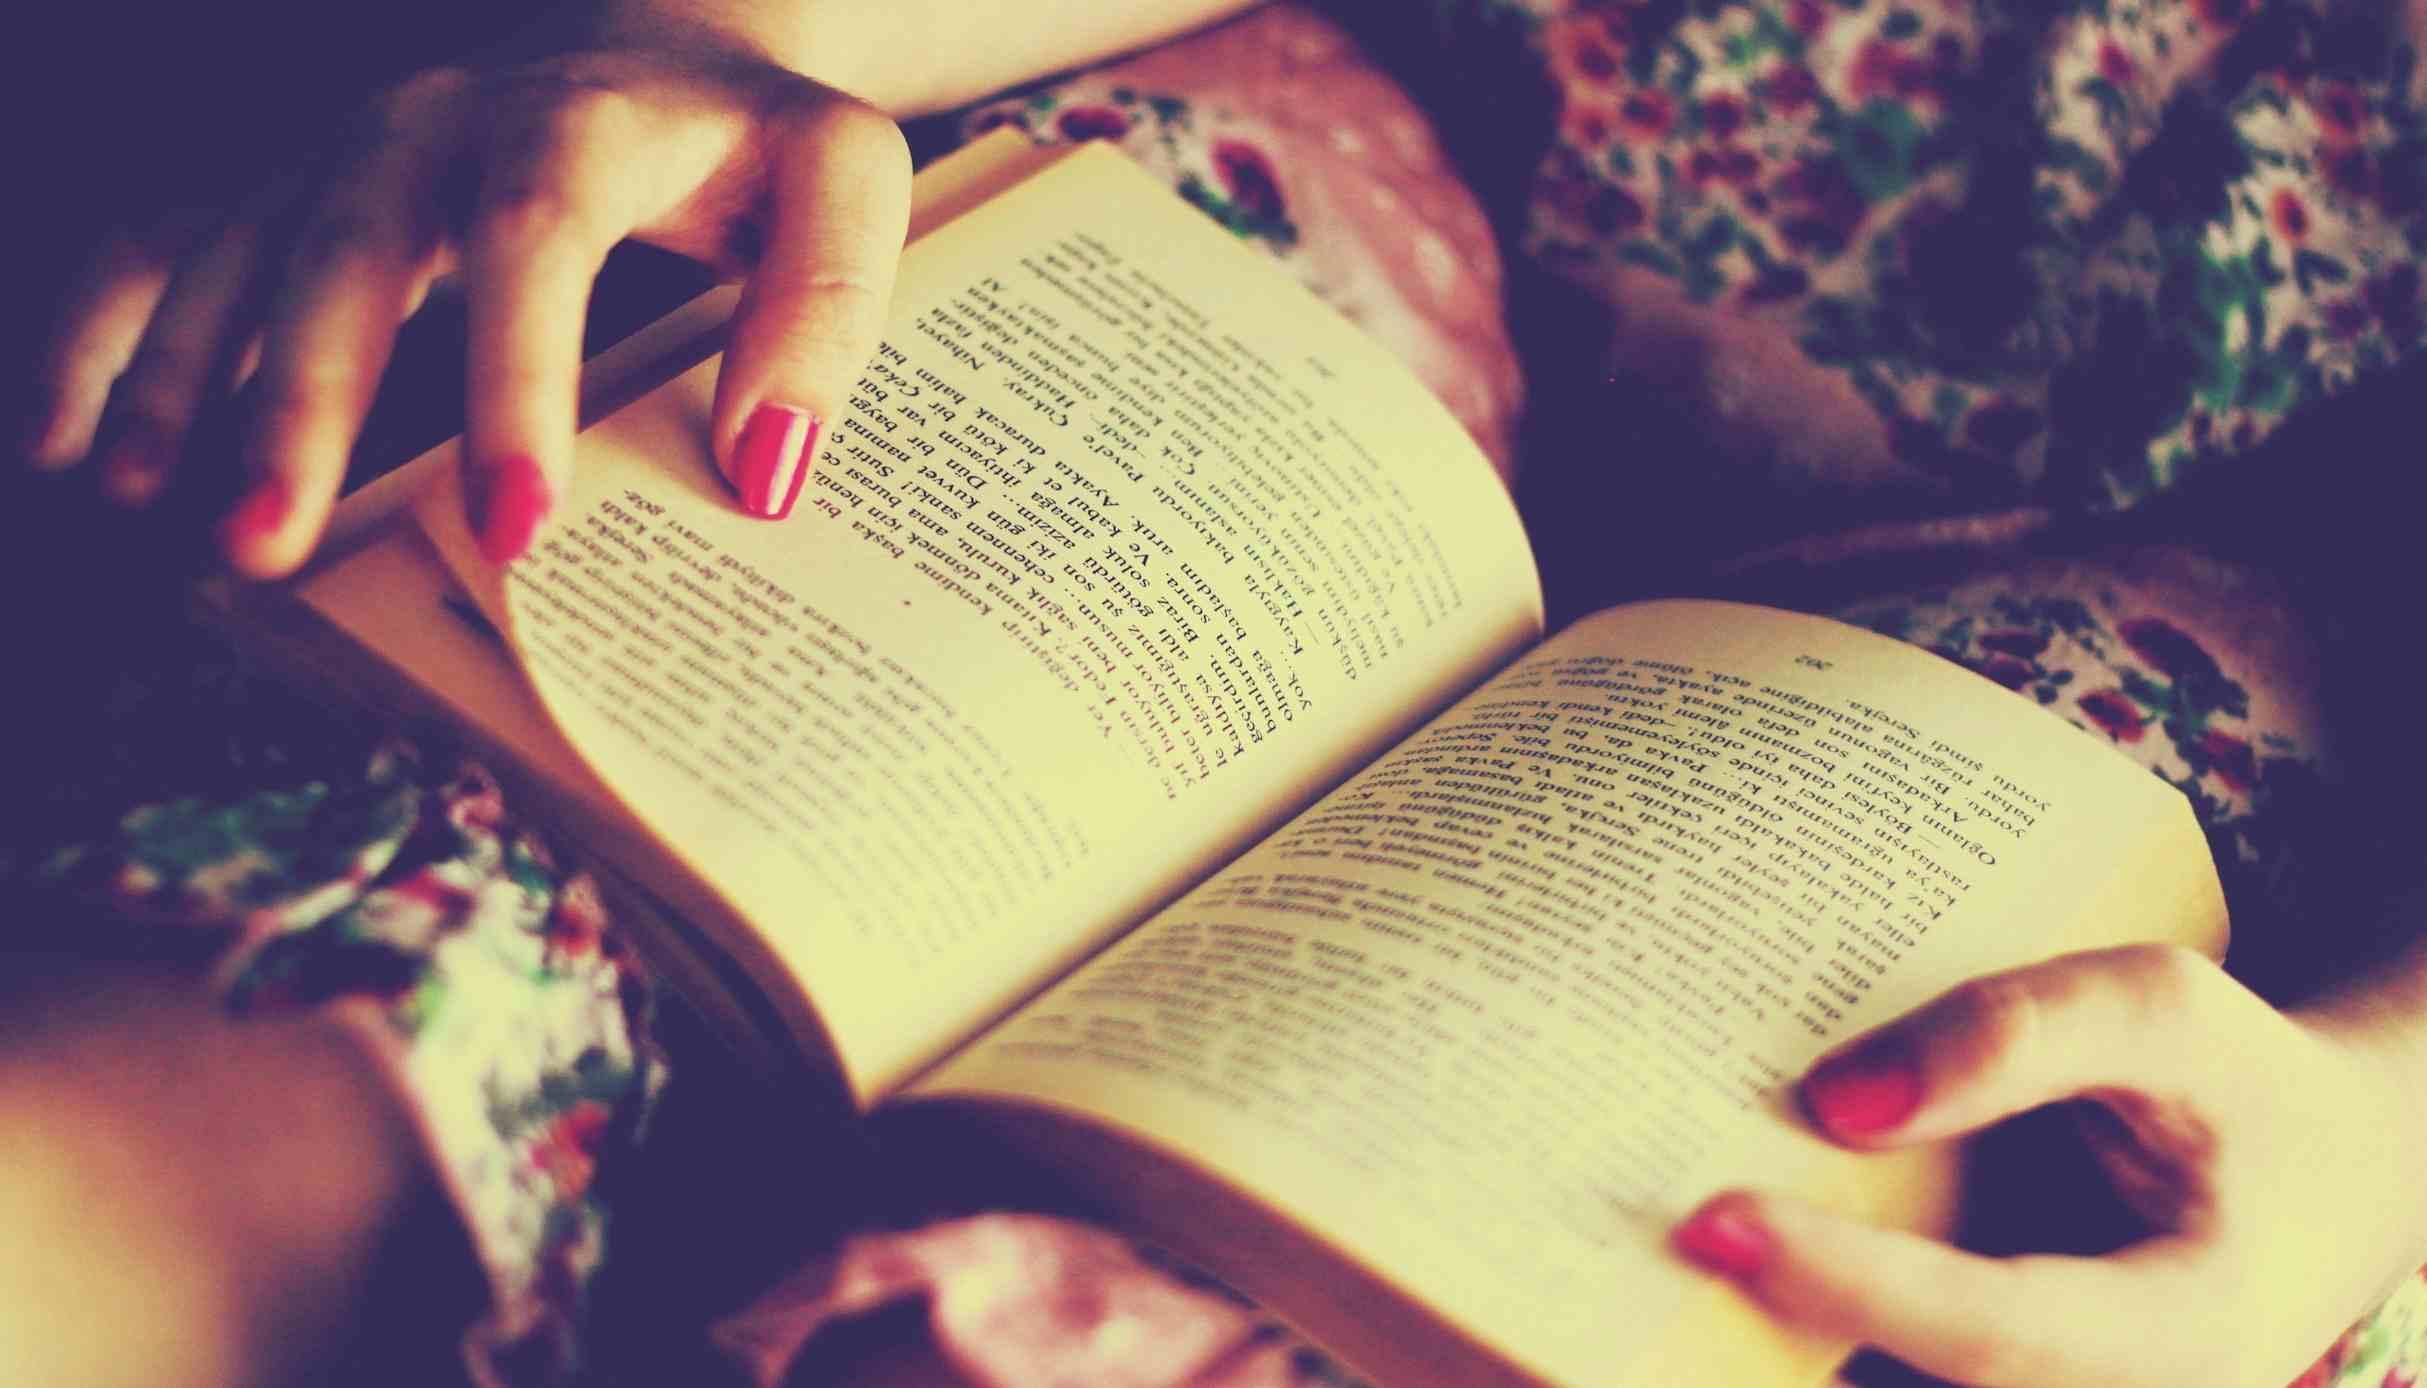 Además de ser divertido, aprenderás y beneficiarás tu salud. ¡A leer se ha dicho!